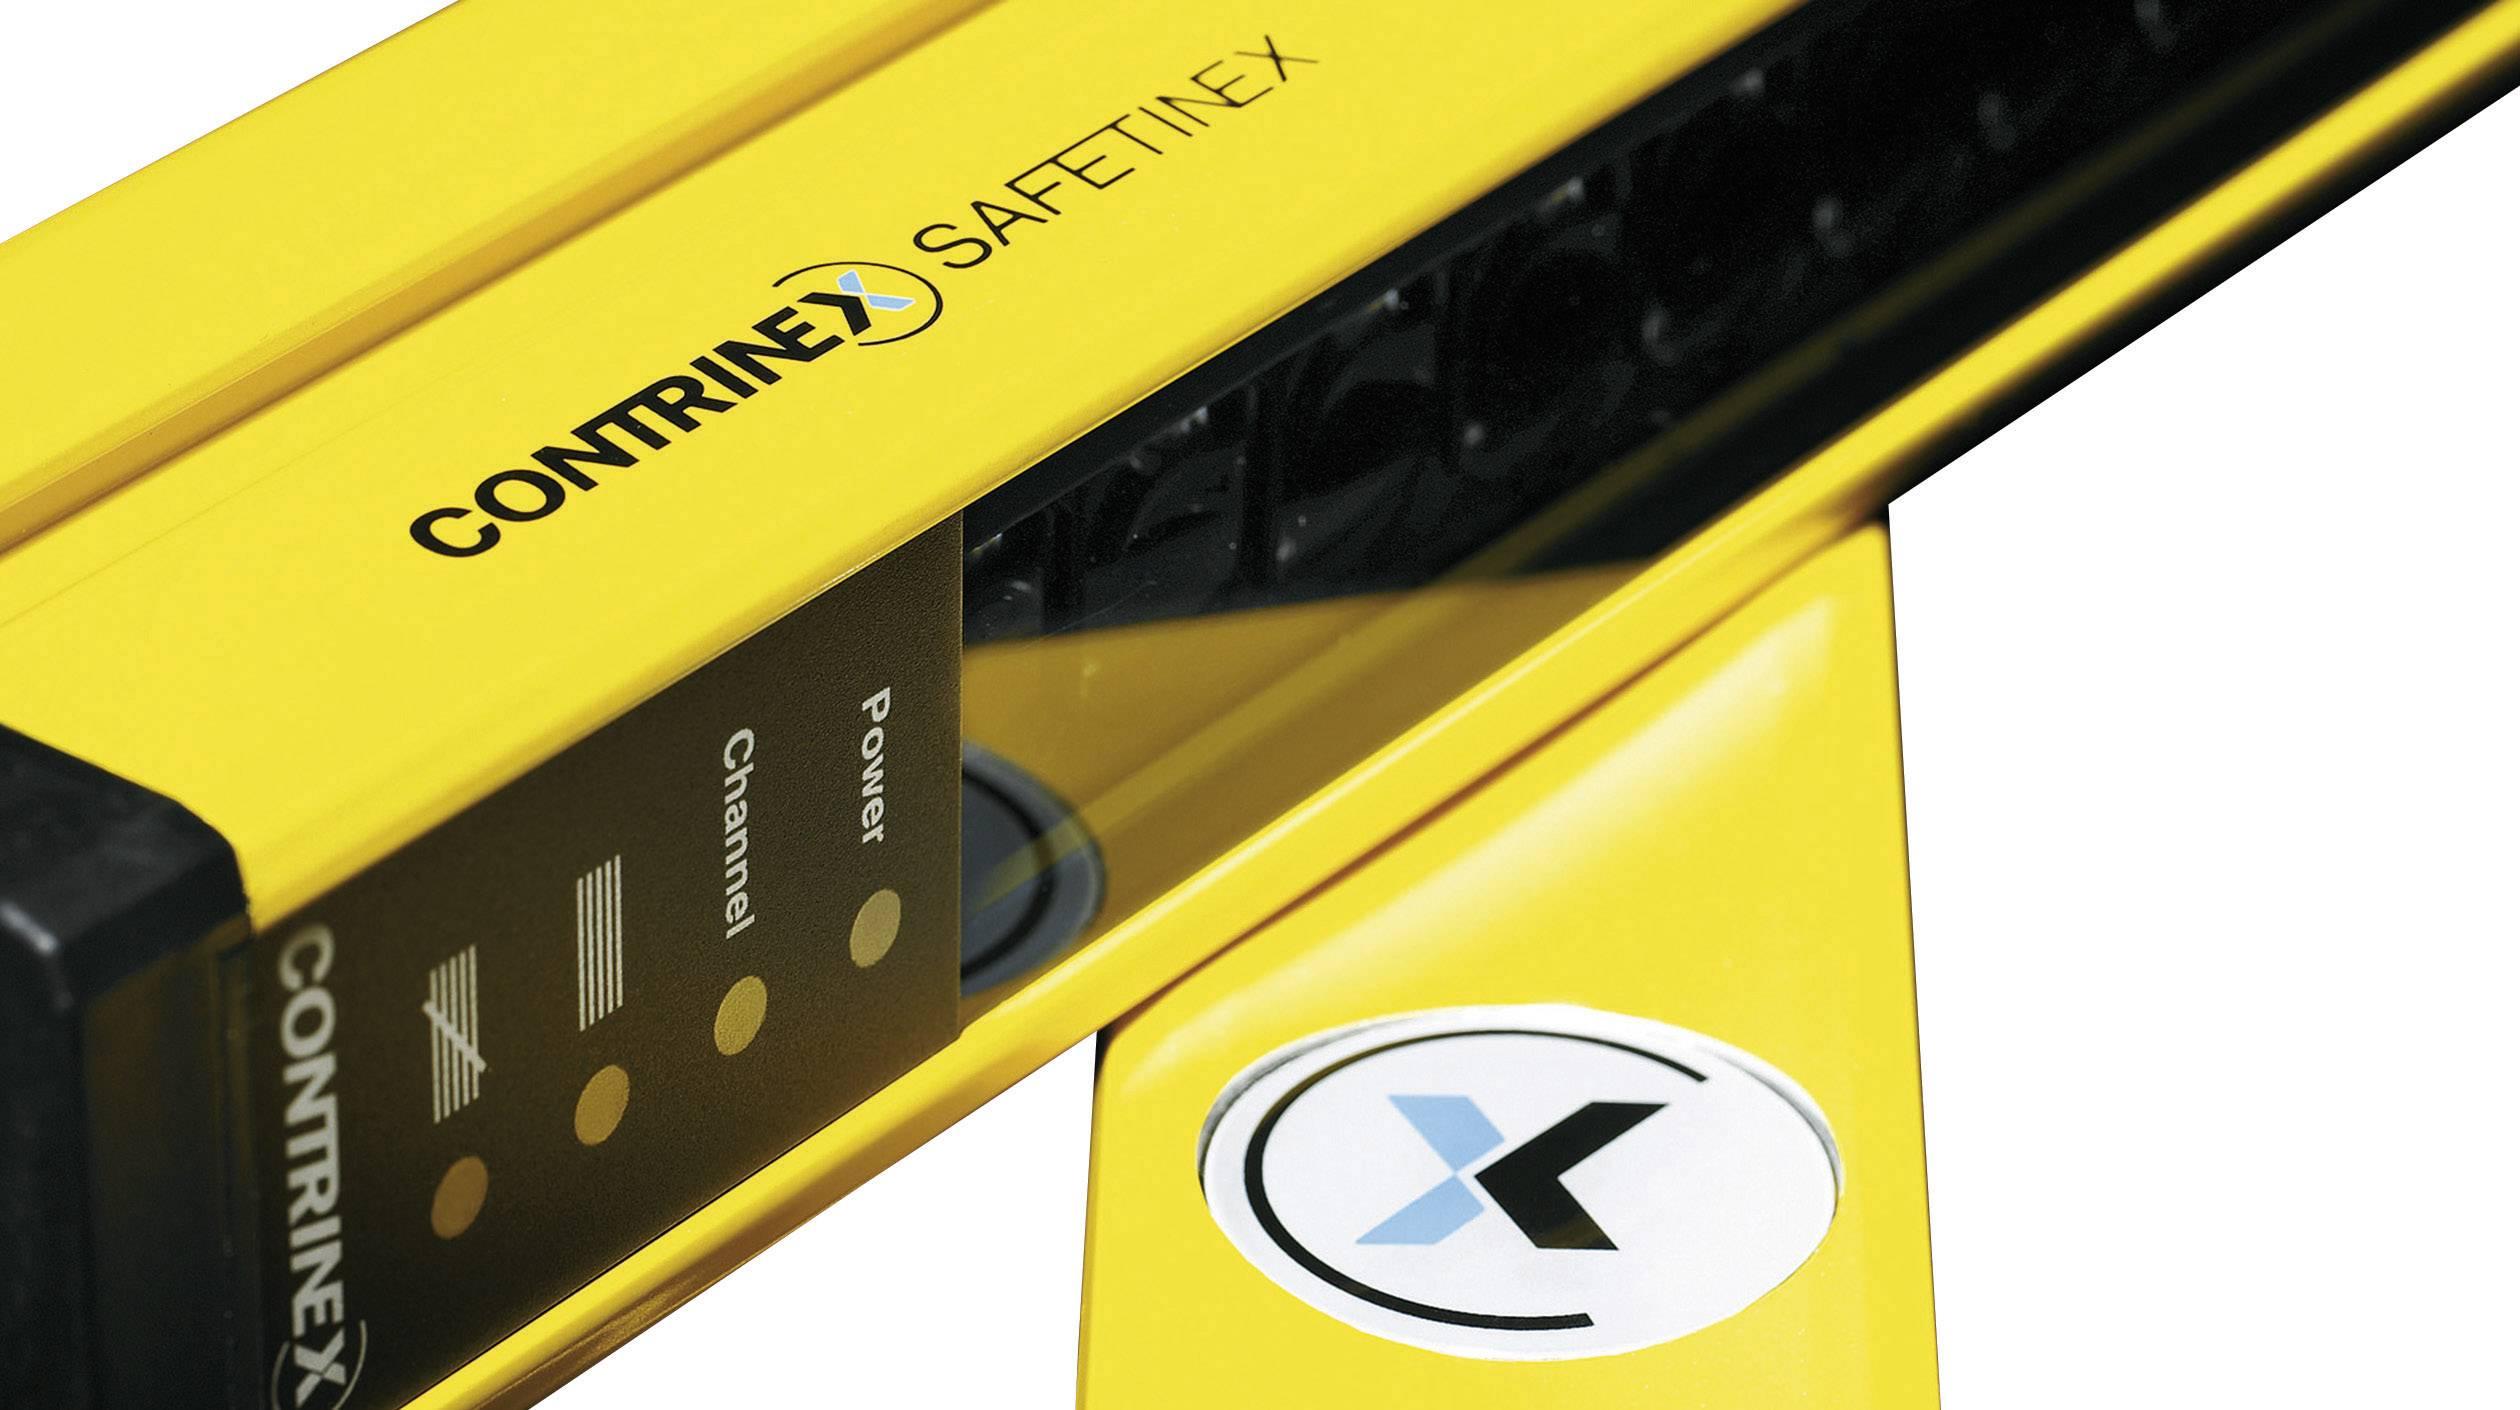 Bezpečnostní světelná závora pro ochranu rukou Contrinex YBB-30S4-1800-G012 630 000 700